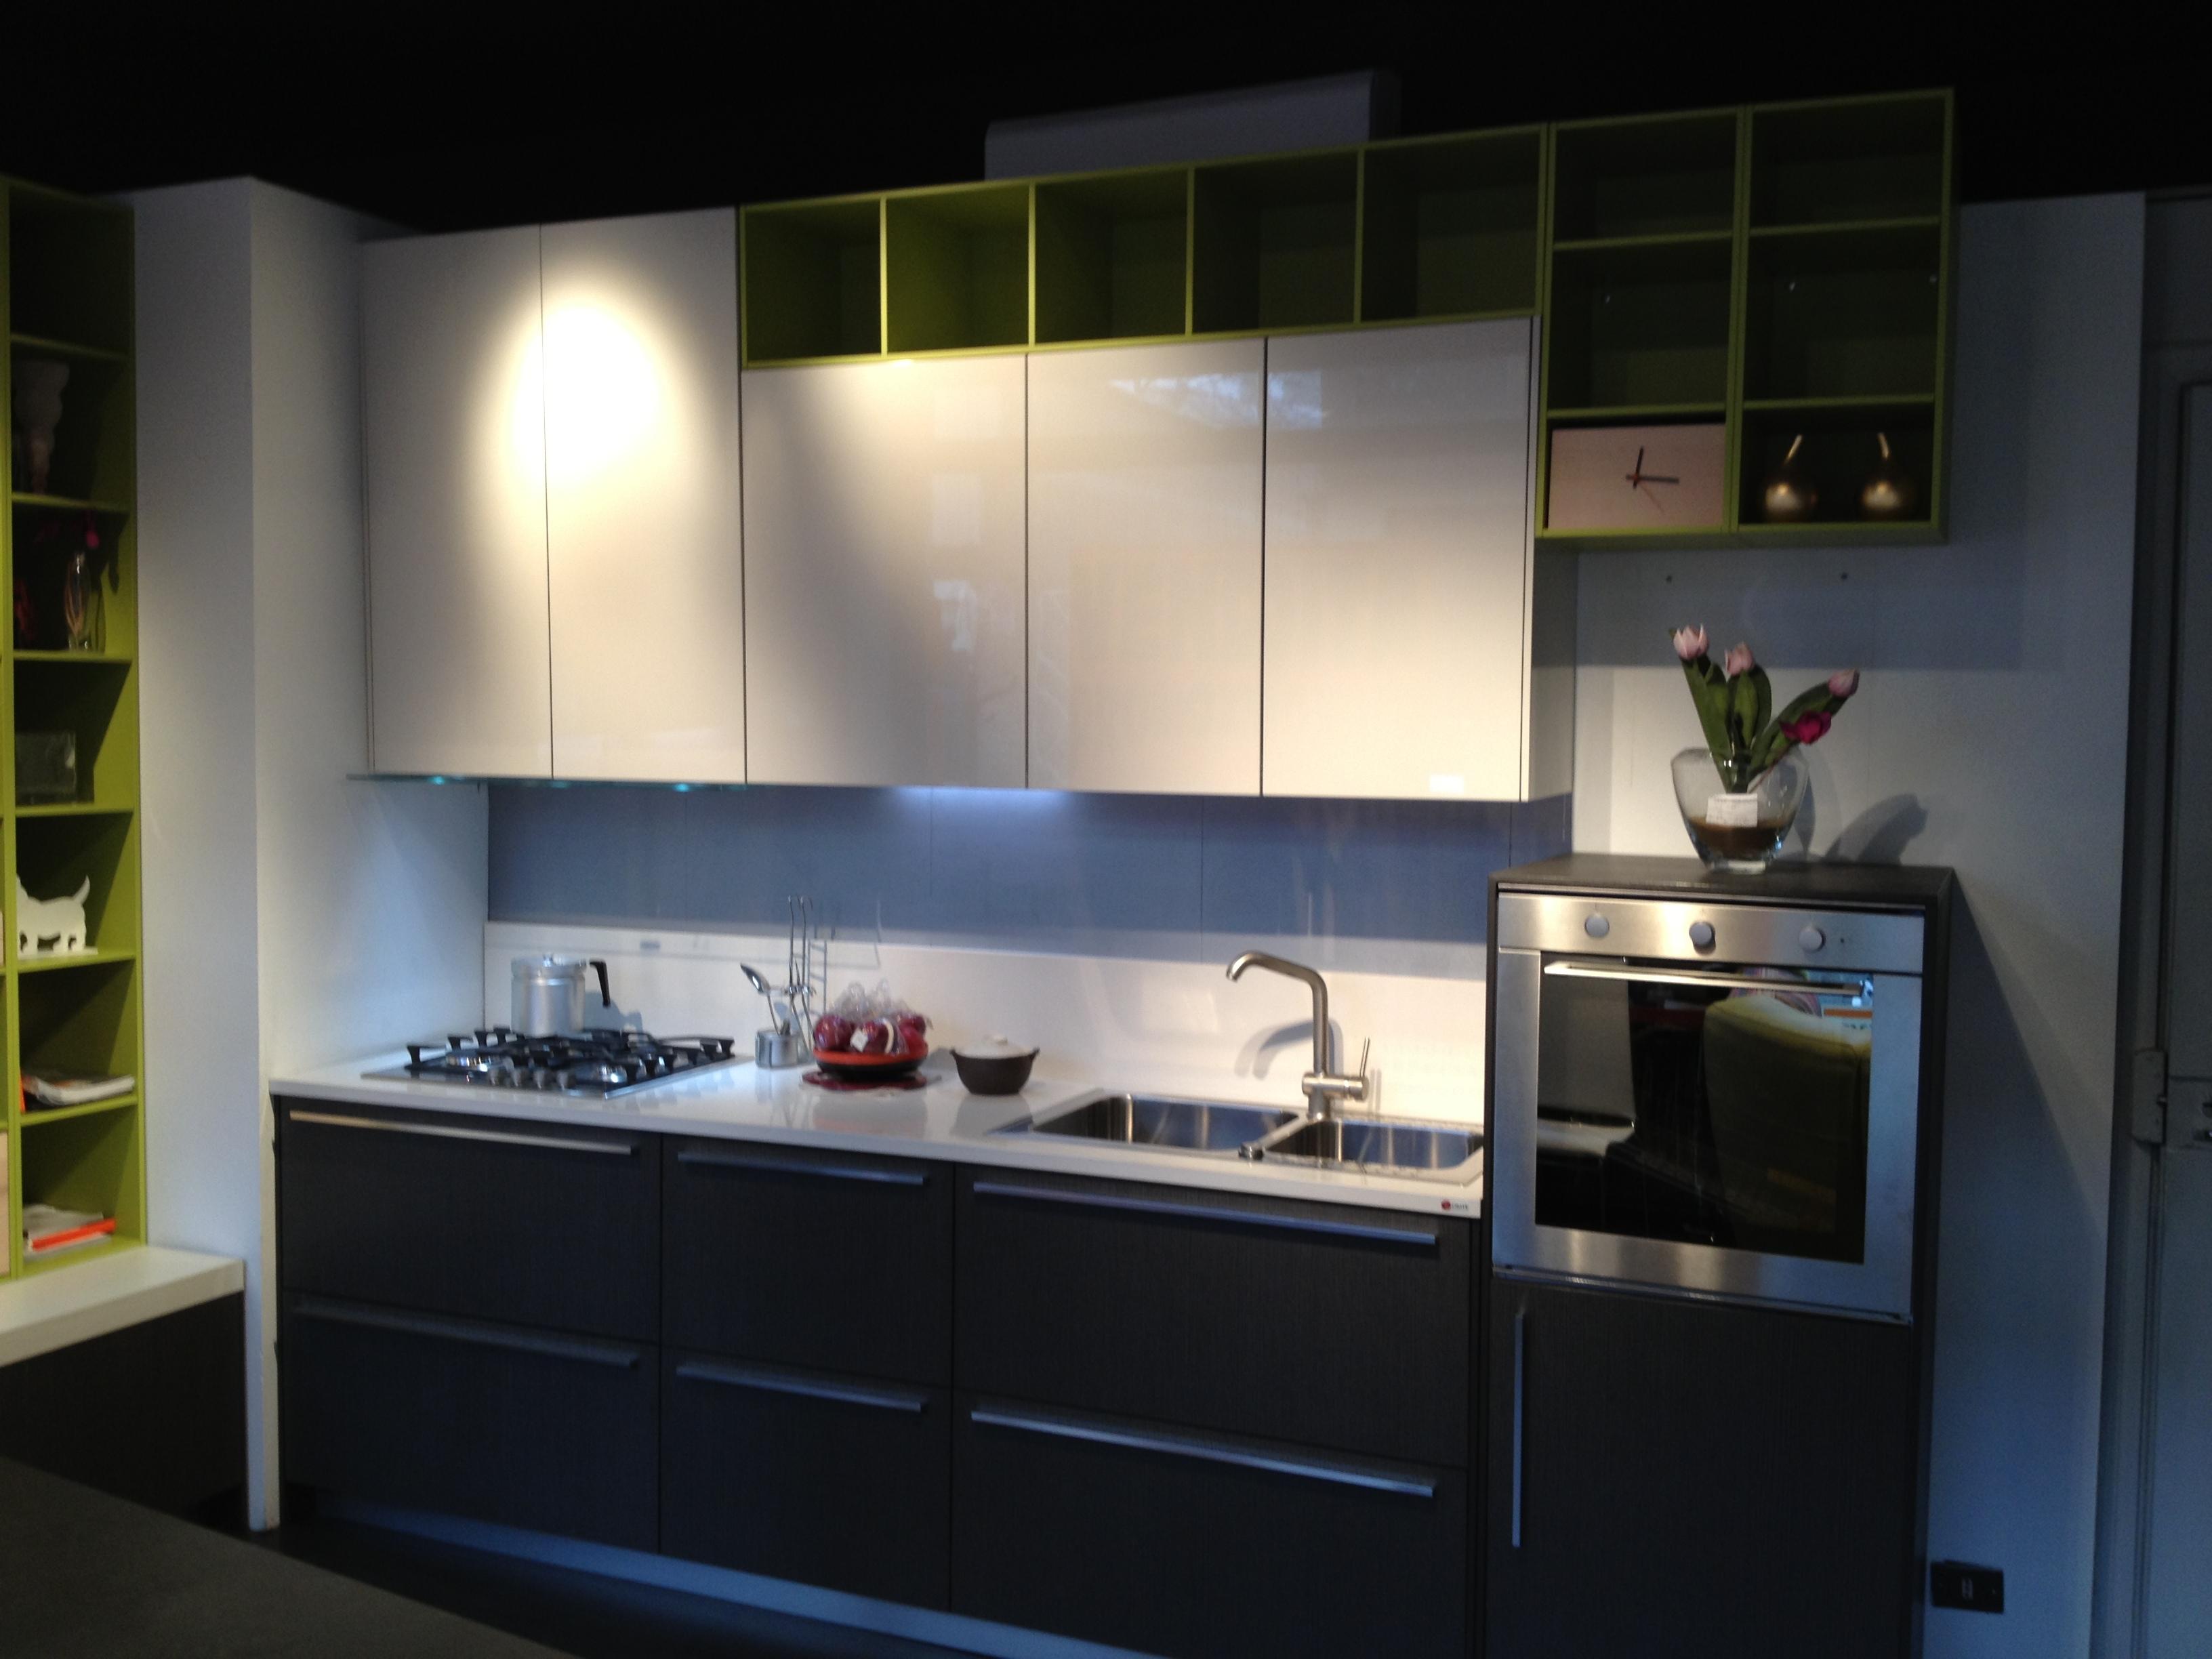 Piano cucina starlight prezzo : piani cucina starlight prezzi. top ...